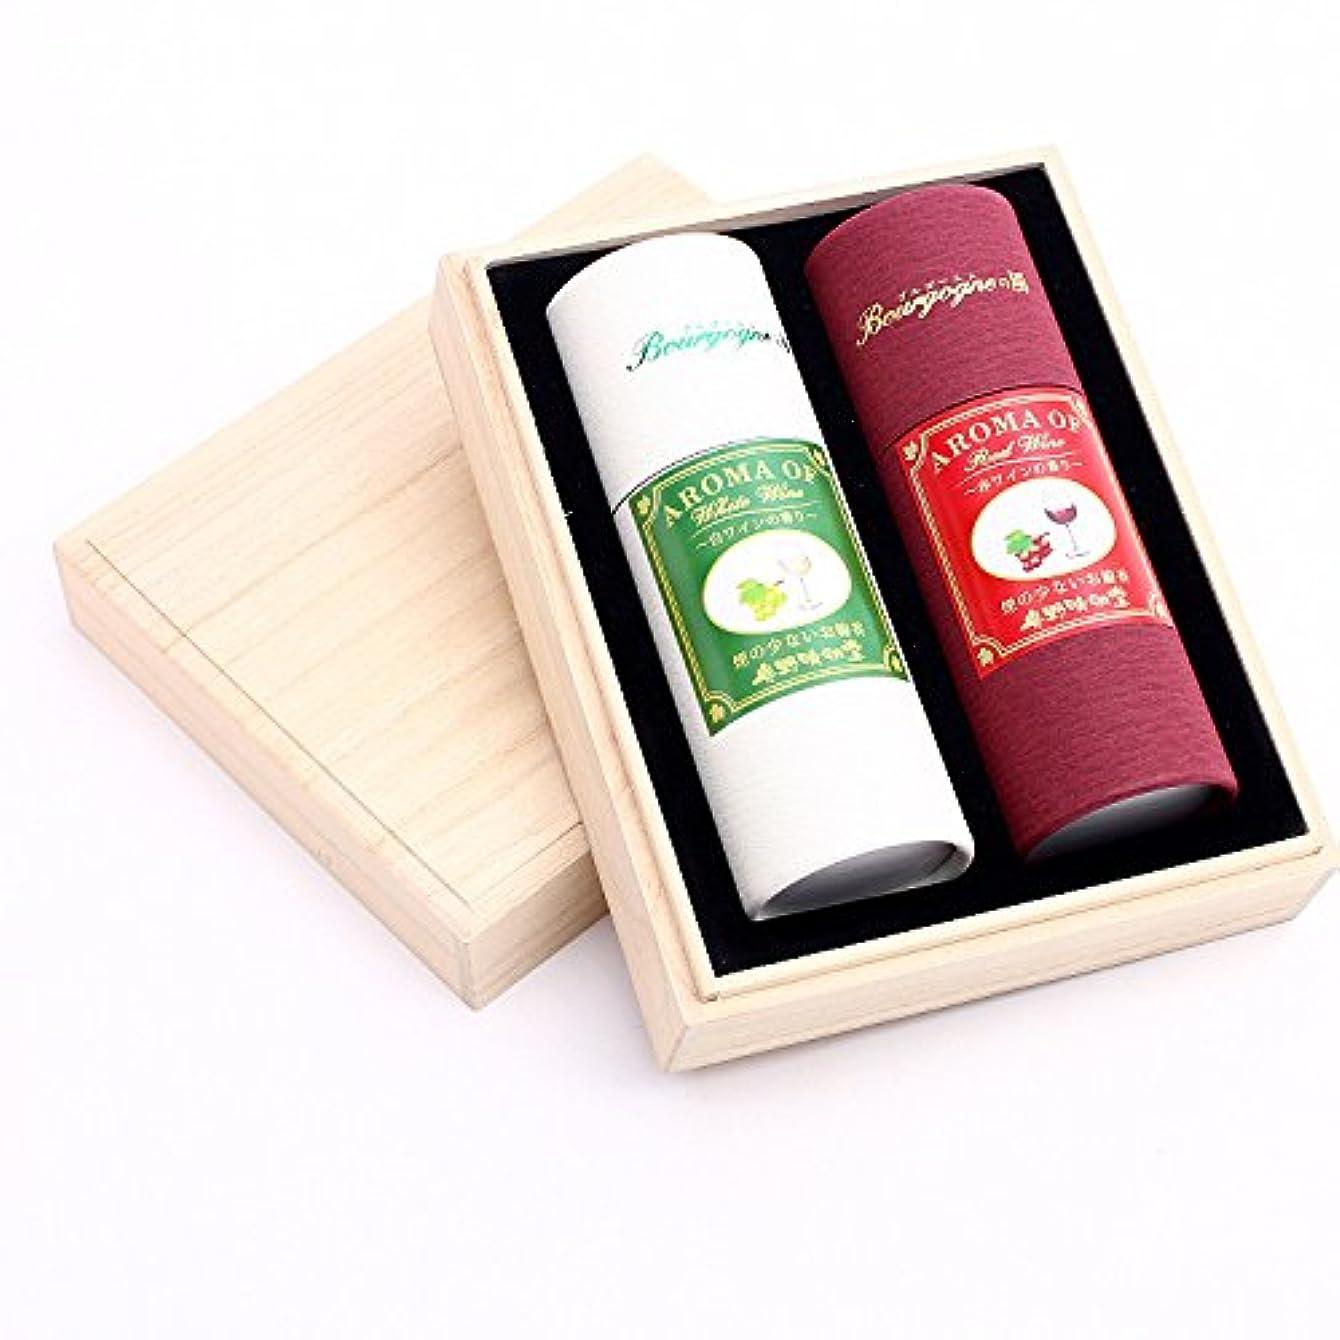 考古学的な潮放棄ワインの香りのお線香 奥野晴明堂 Bourgogne(ブルゴーニュ)の風 赤?白ワインの香り 桐箱2本入り 28-3 微煙タイプ